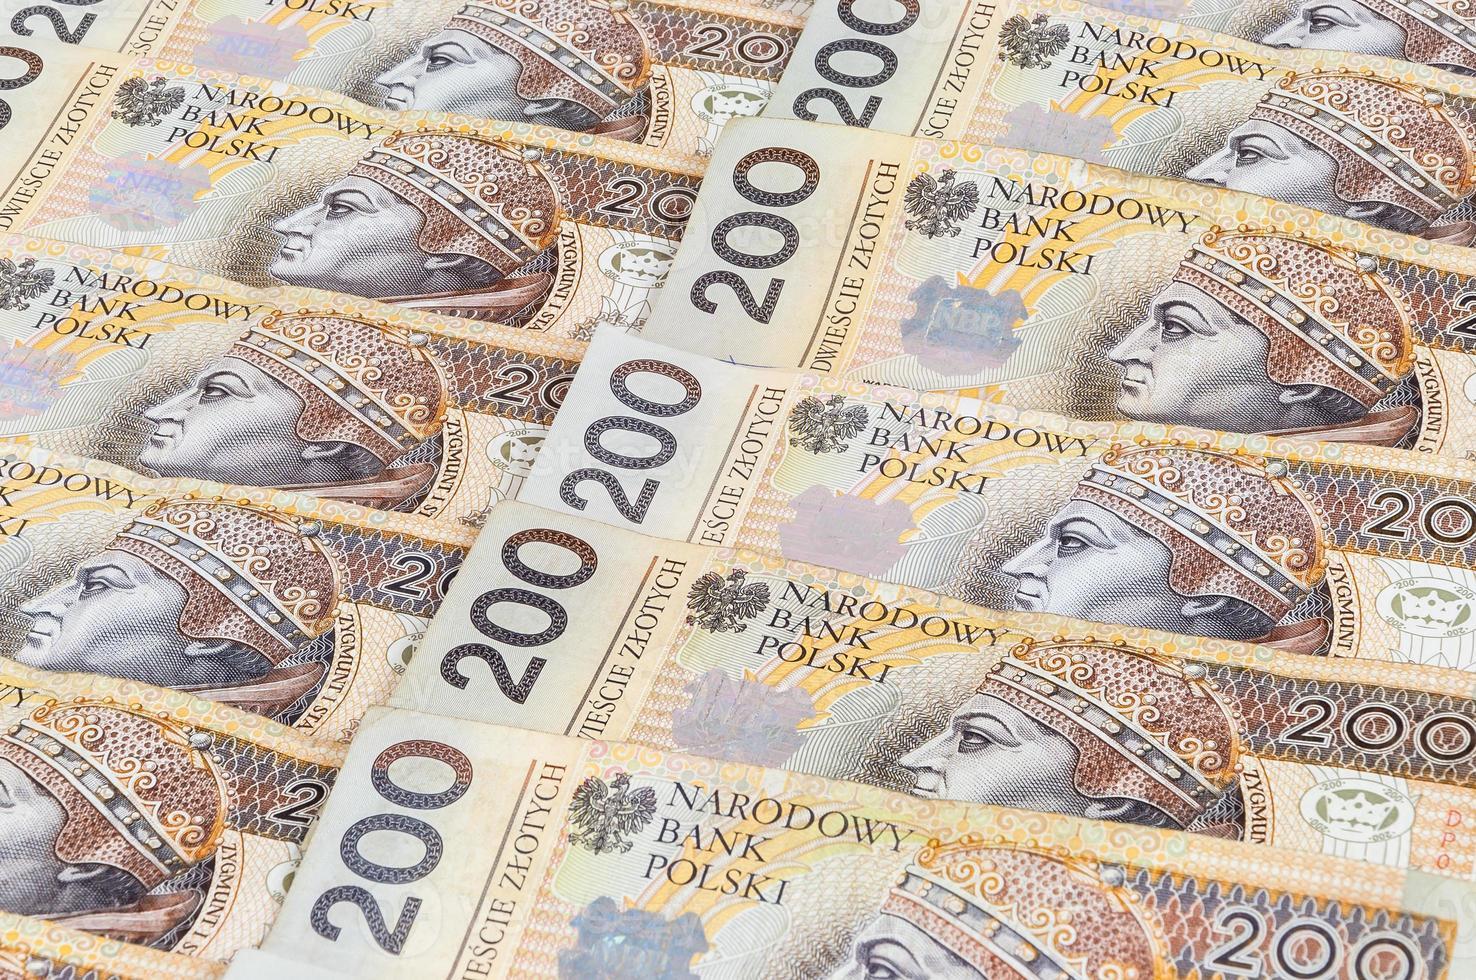 billets de 200 pln - zloty polonais photo